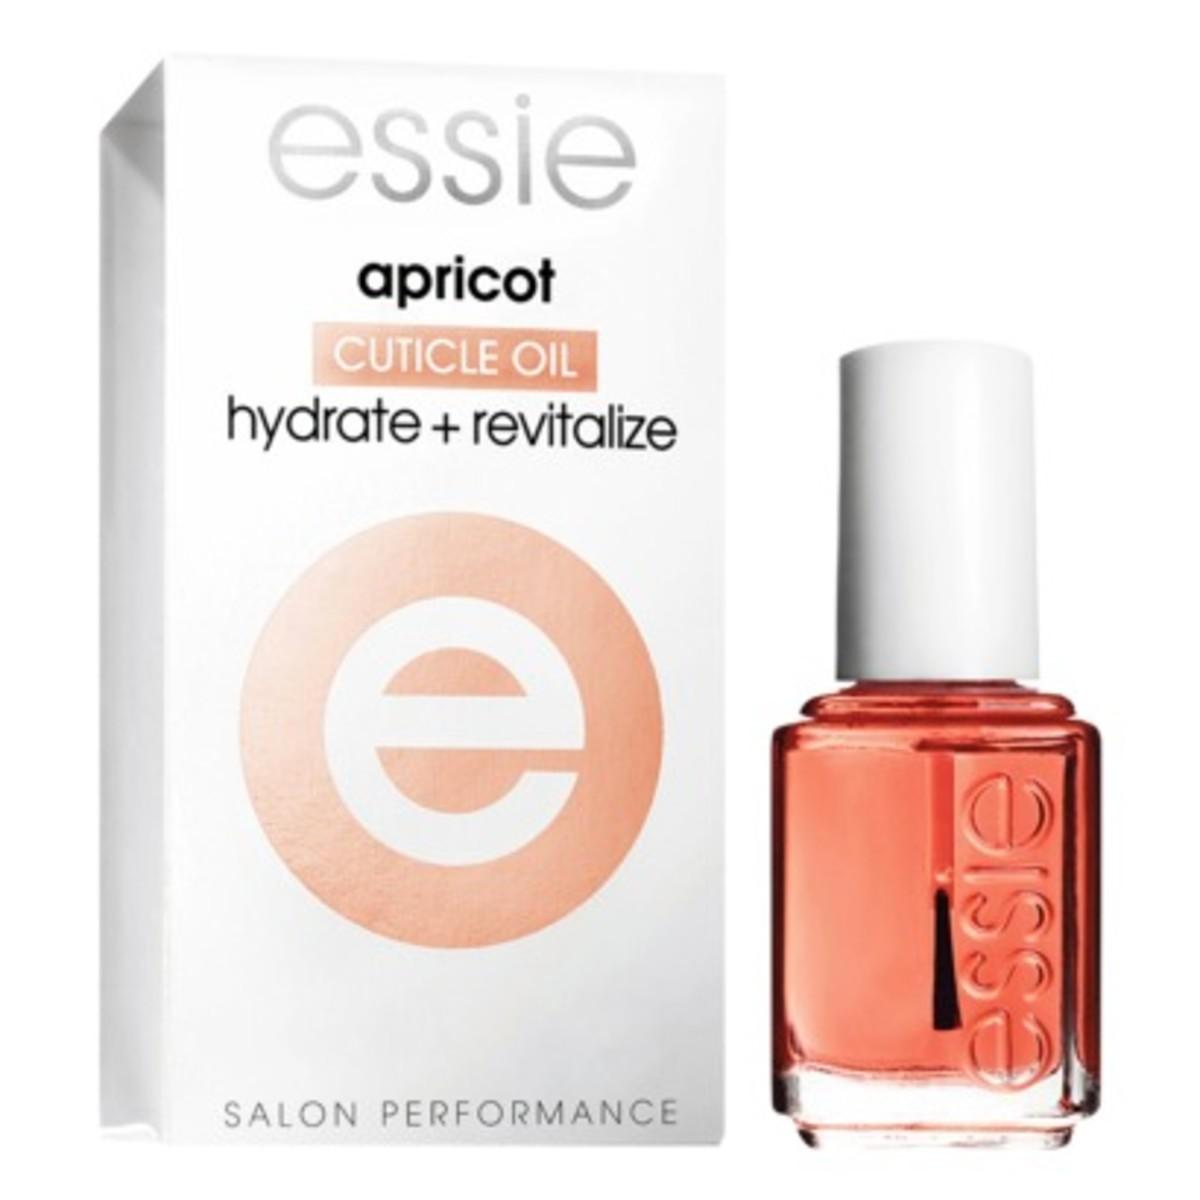 Essie Apricot Cuticle Oil